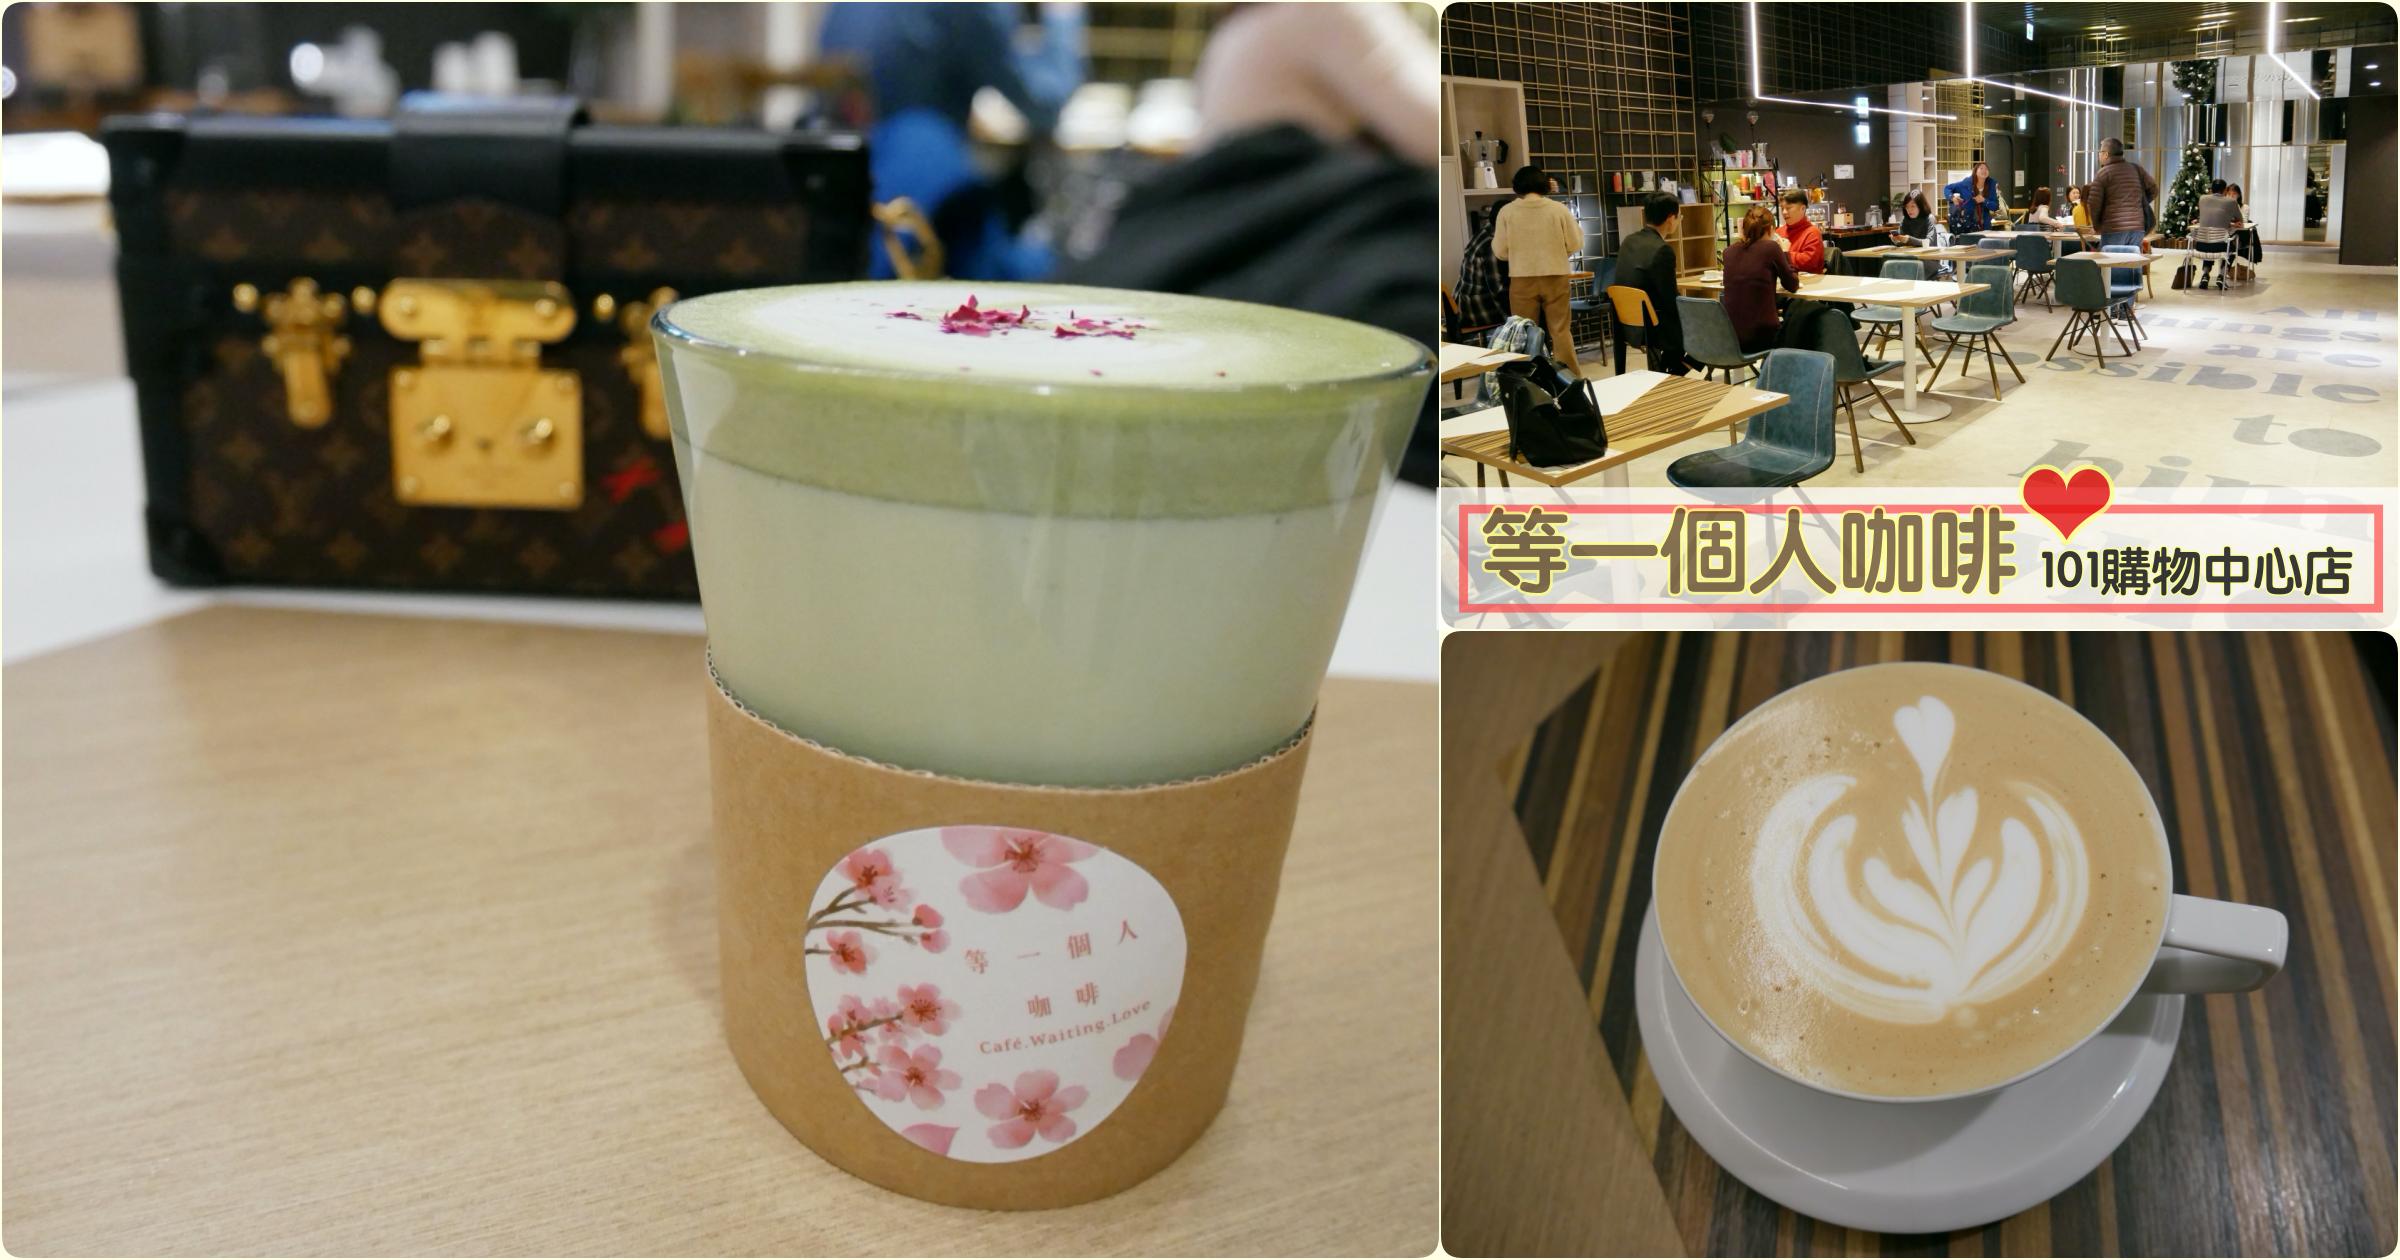 最新推播訊息:[台北美食]等一個人咖啡.101購物中心店|繁華百貨公司內一隅安靜處.飄滿著咖啡香